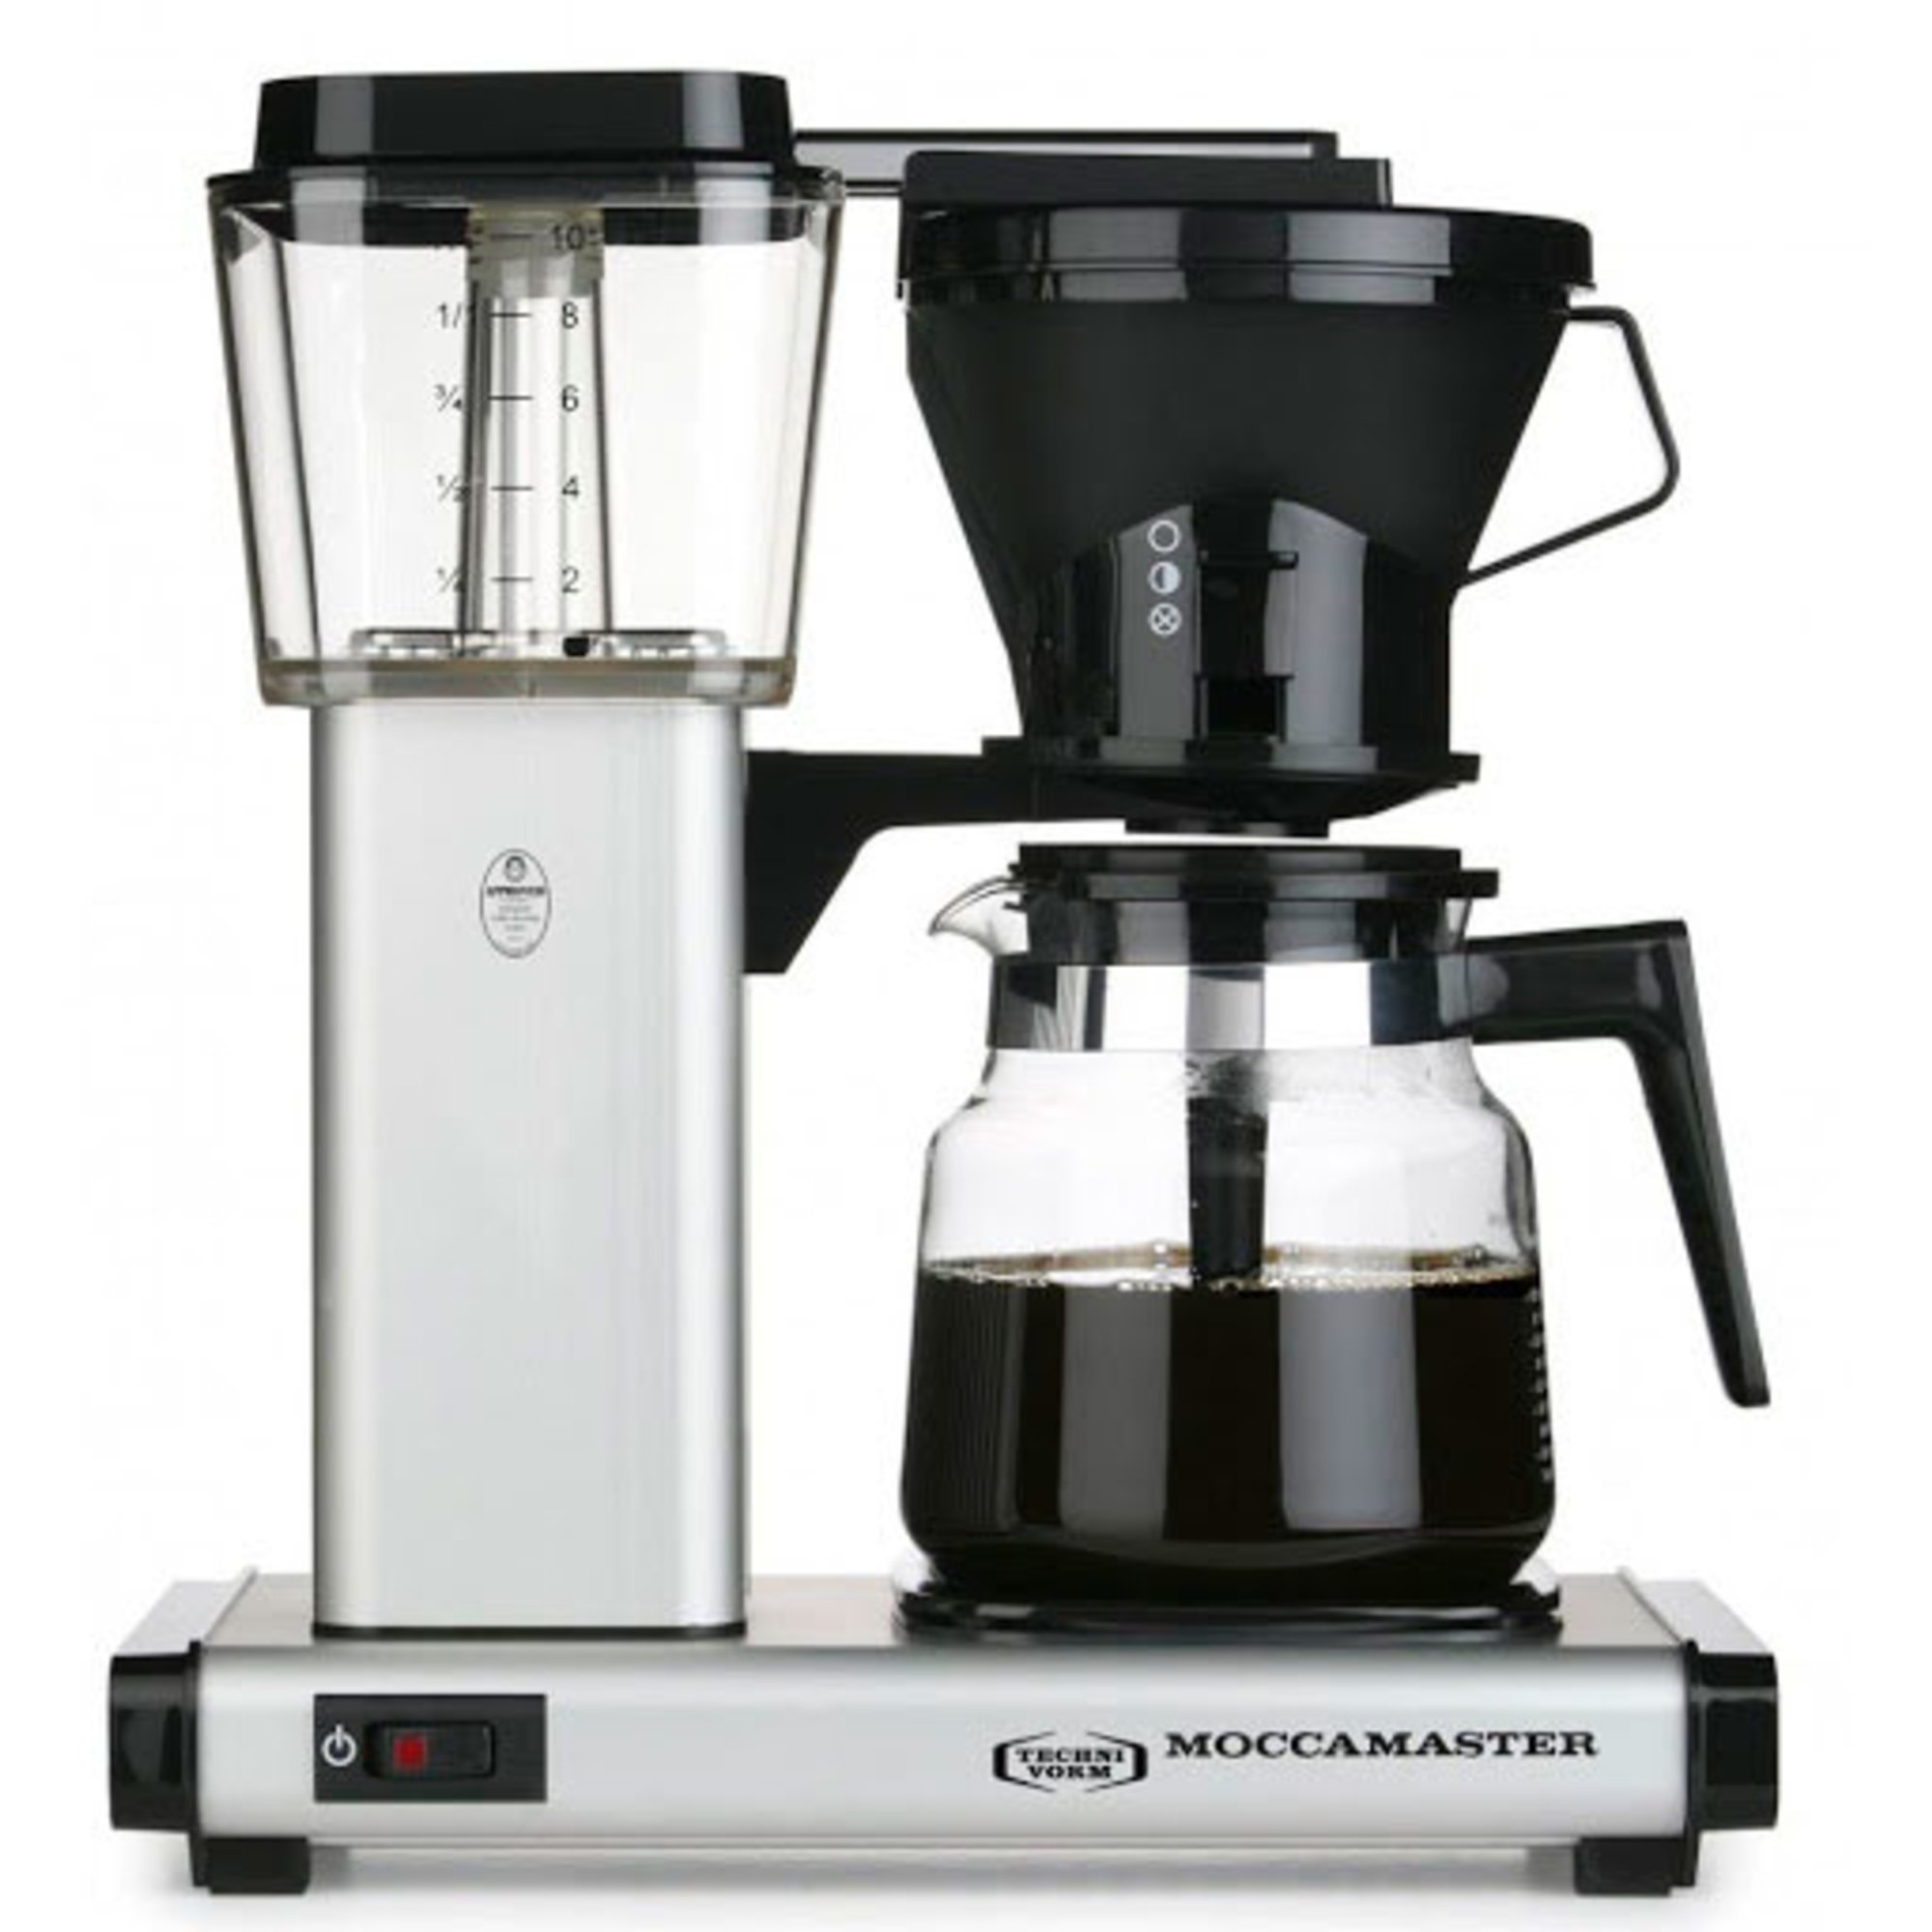 Moccamaster Kaffebryggare HB951AO Matt Silver